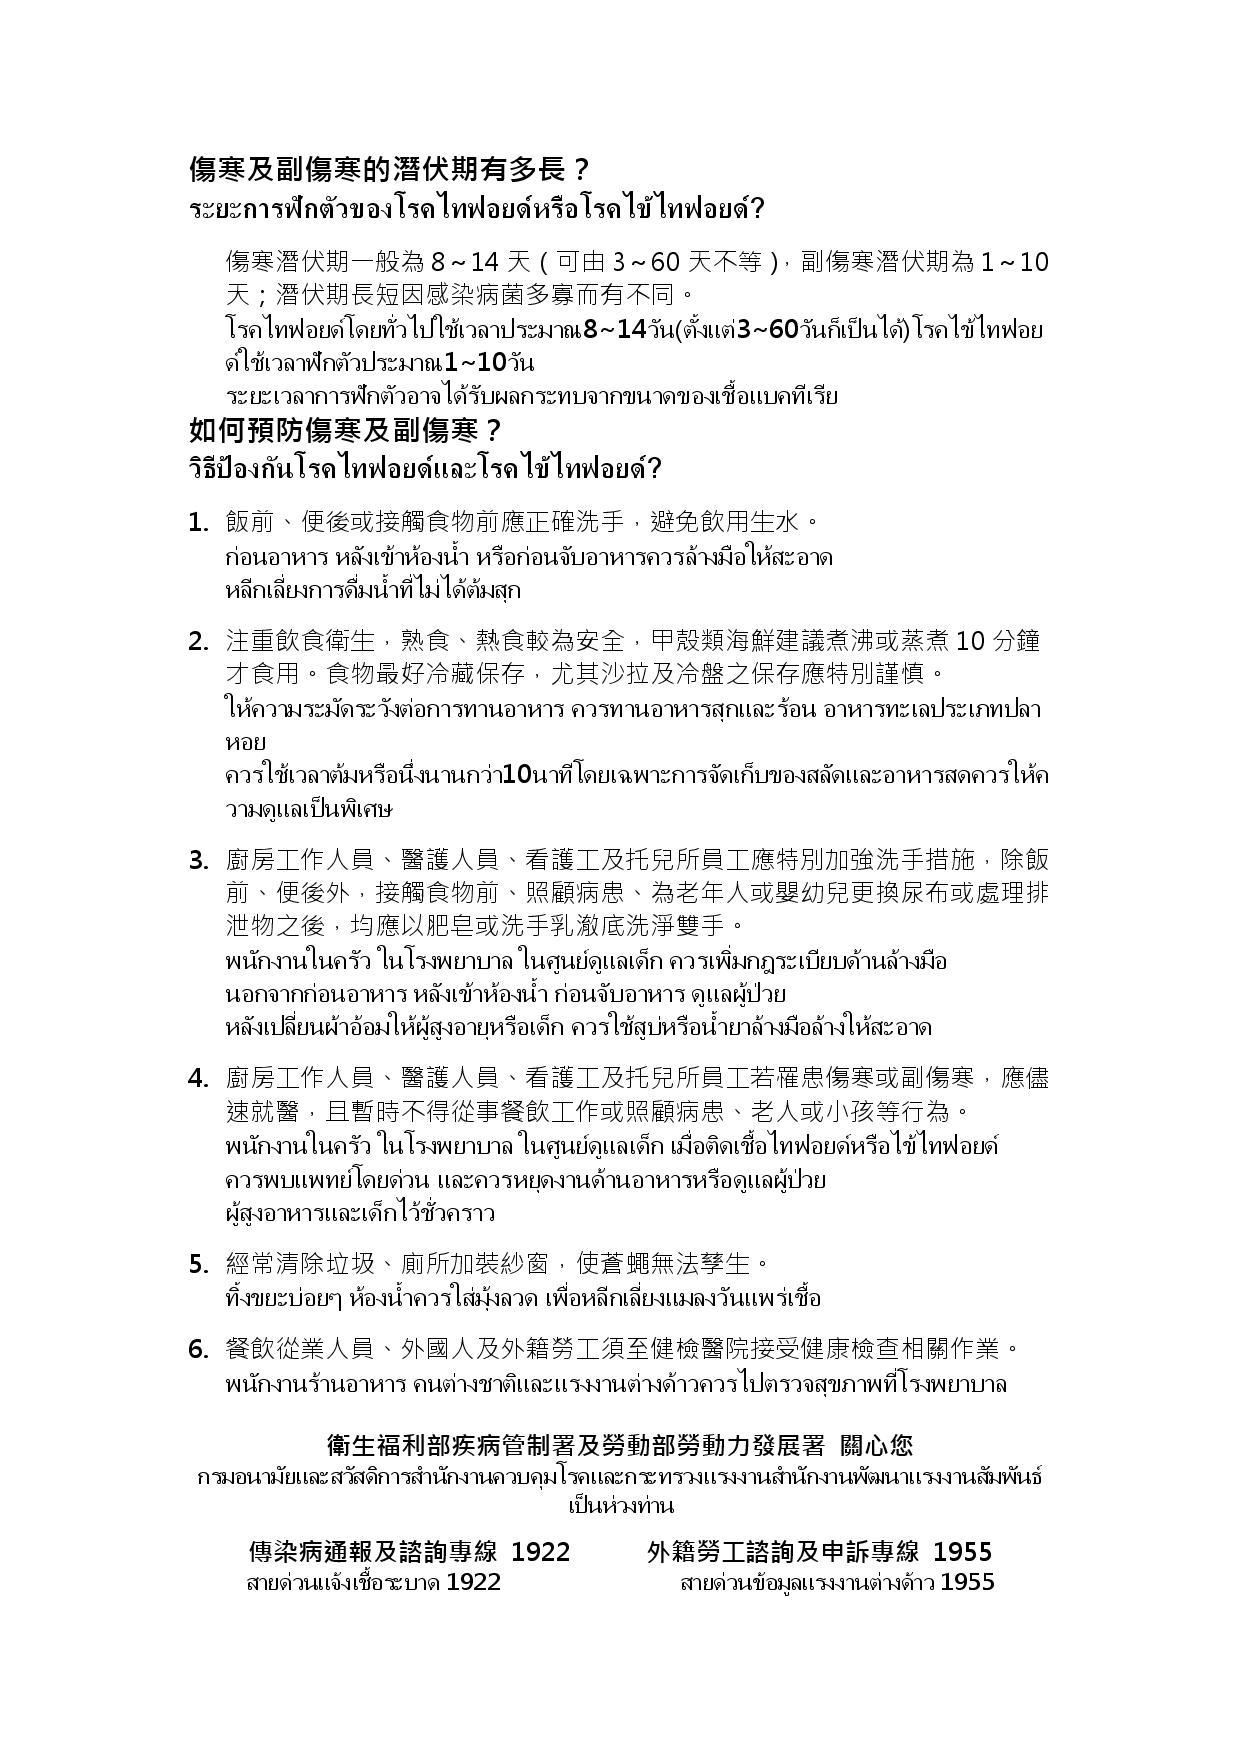 詳如附件【คลิก】ป้องกันโรคไทฟอยด์หรือโรคไข้ไทฟอยด์(หน้า 2)預防傷寒及副傷寒(泰文)